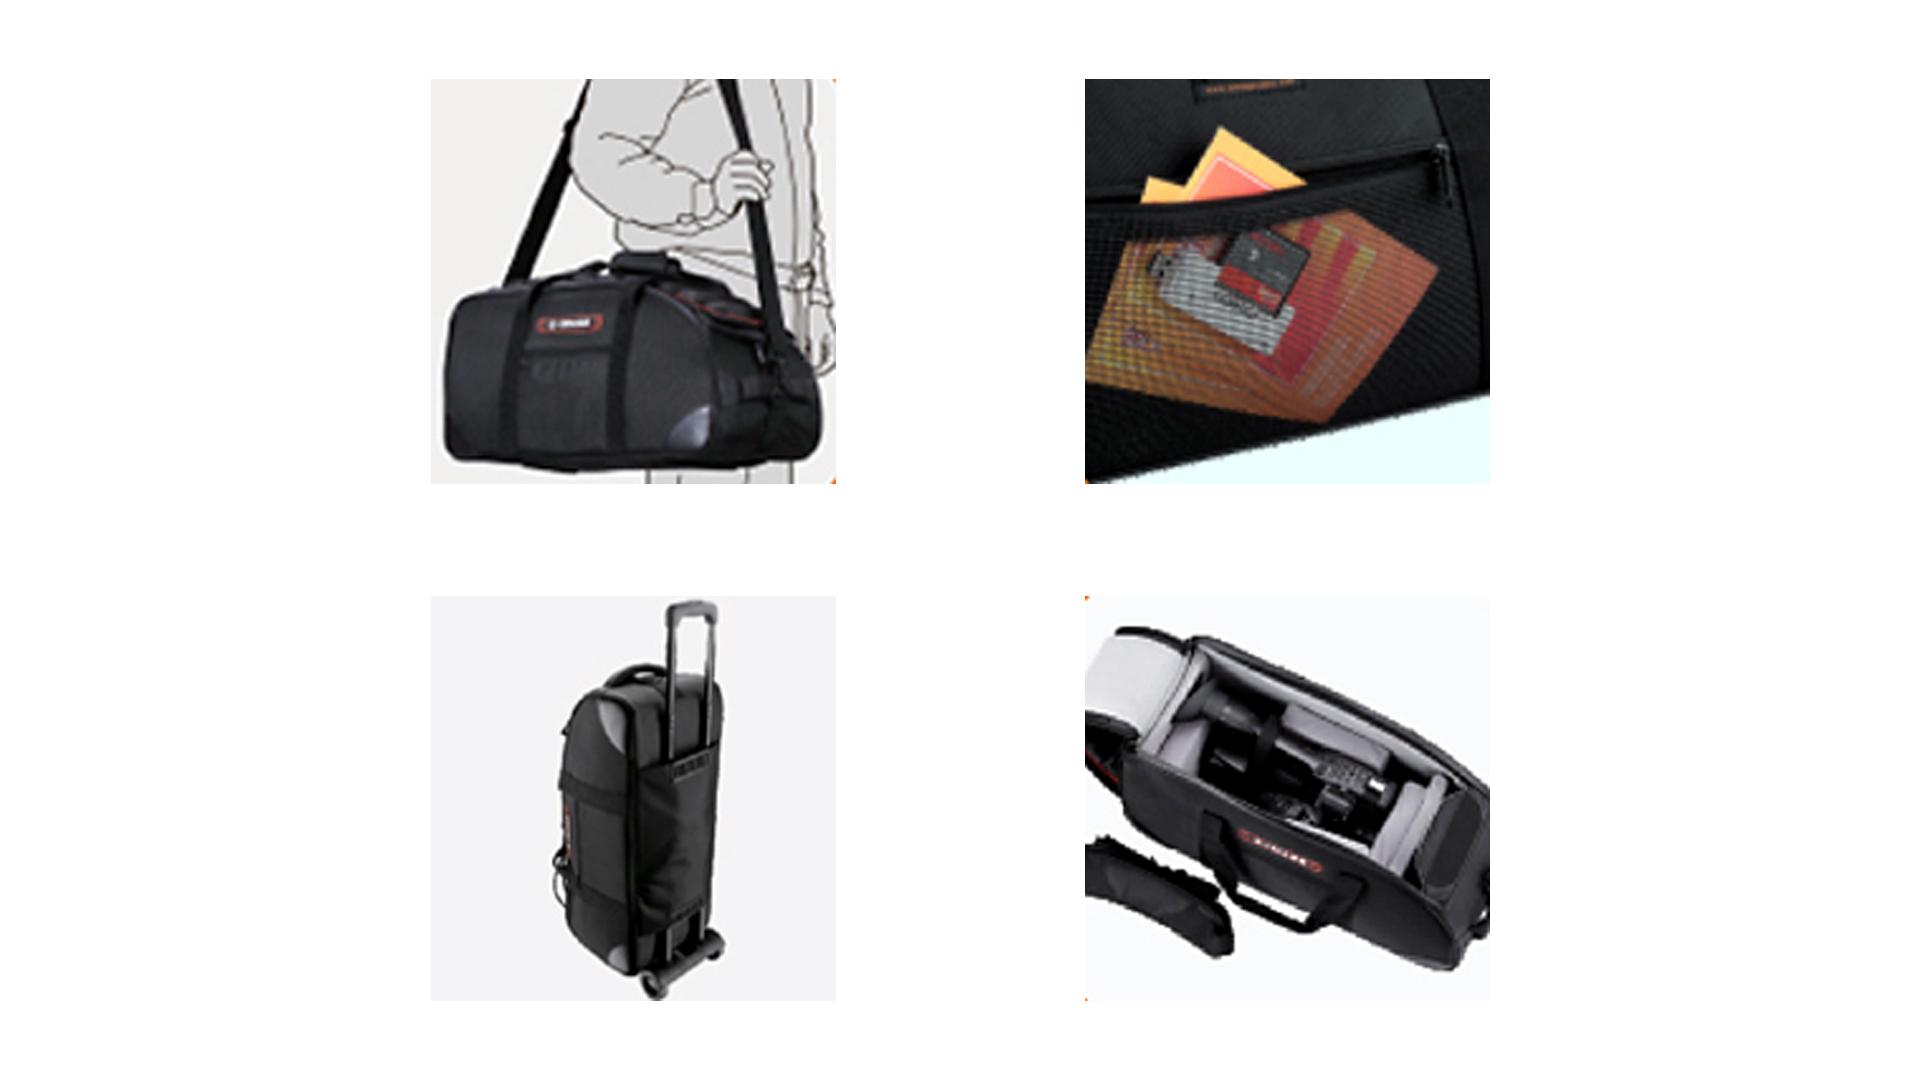 EB0918_e-image_Borsa morbida Harmony C20 per attrezzatura fotografica e video-02